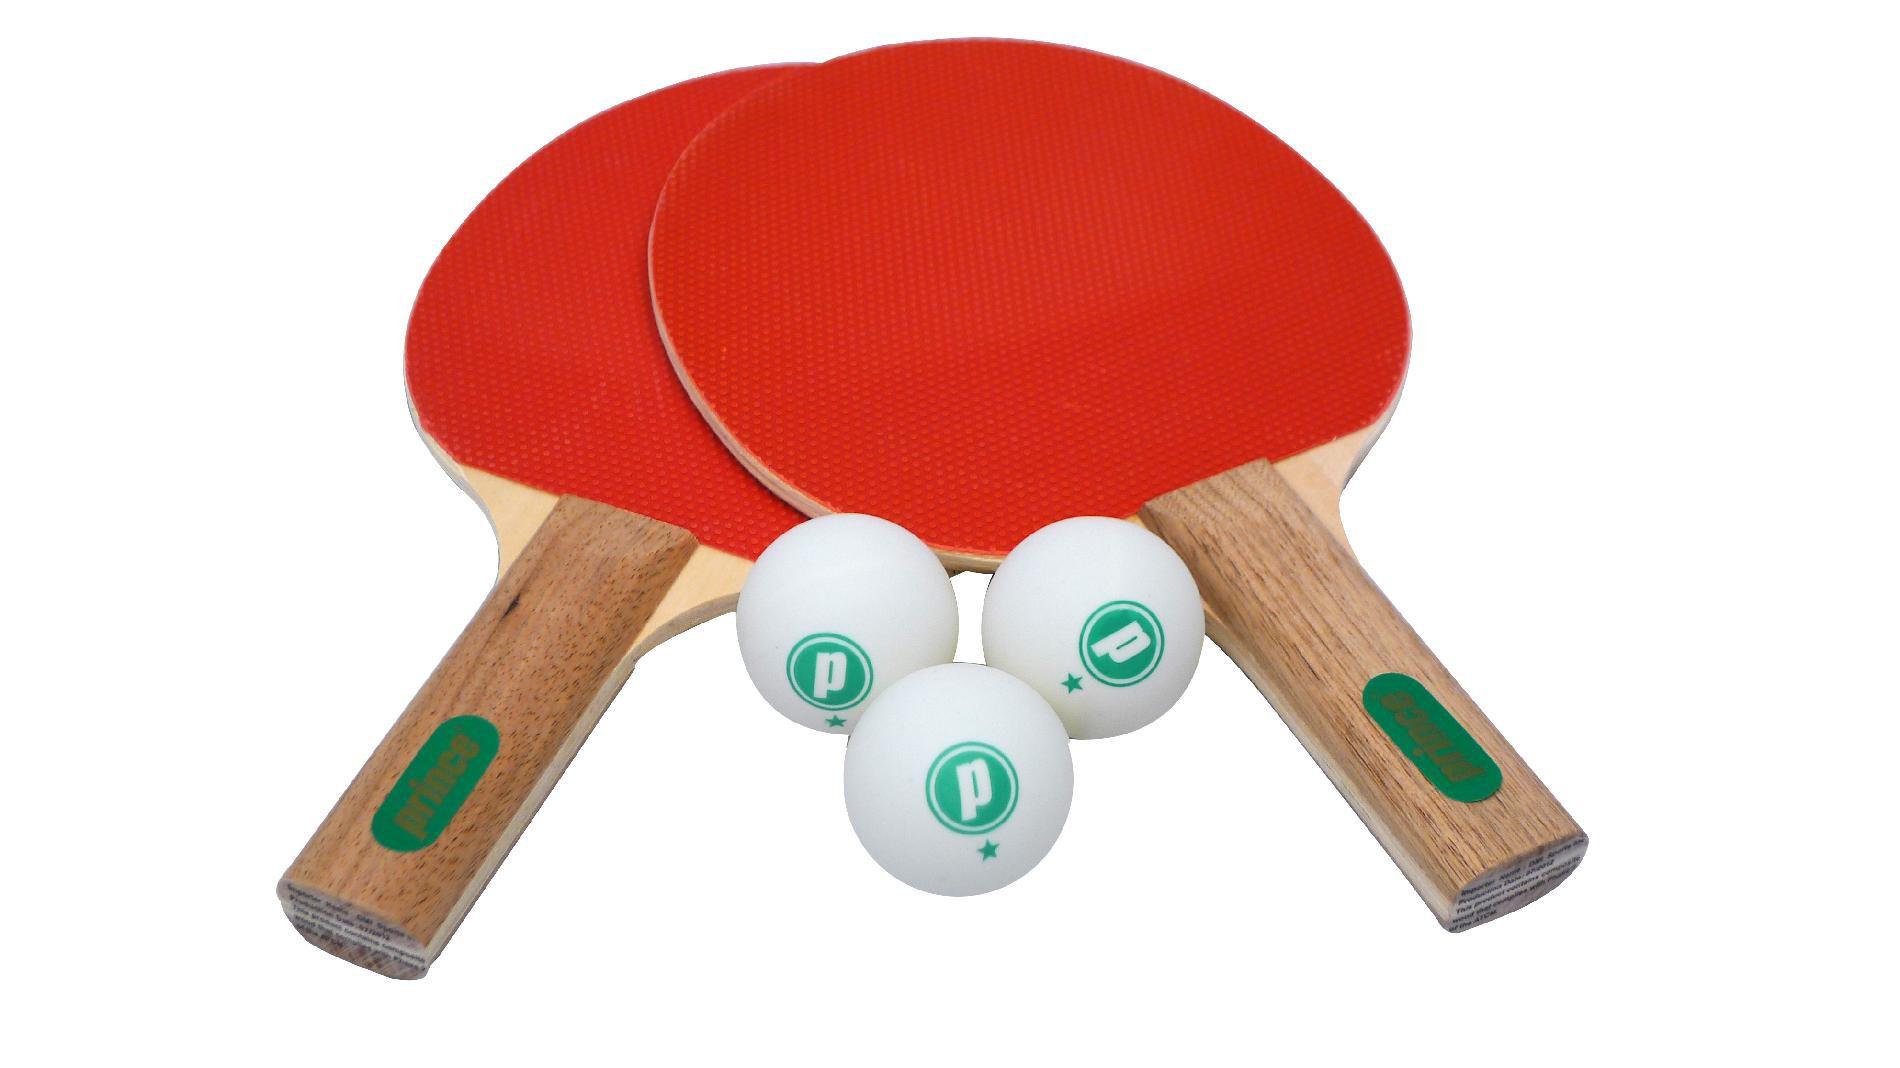 Prince Table Tennis Set - 2 Player